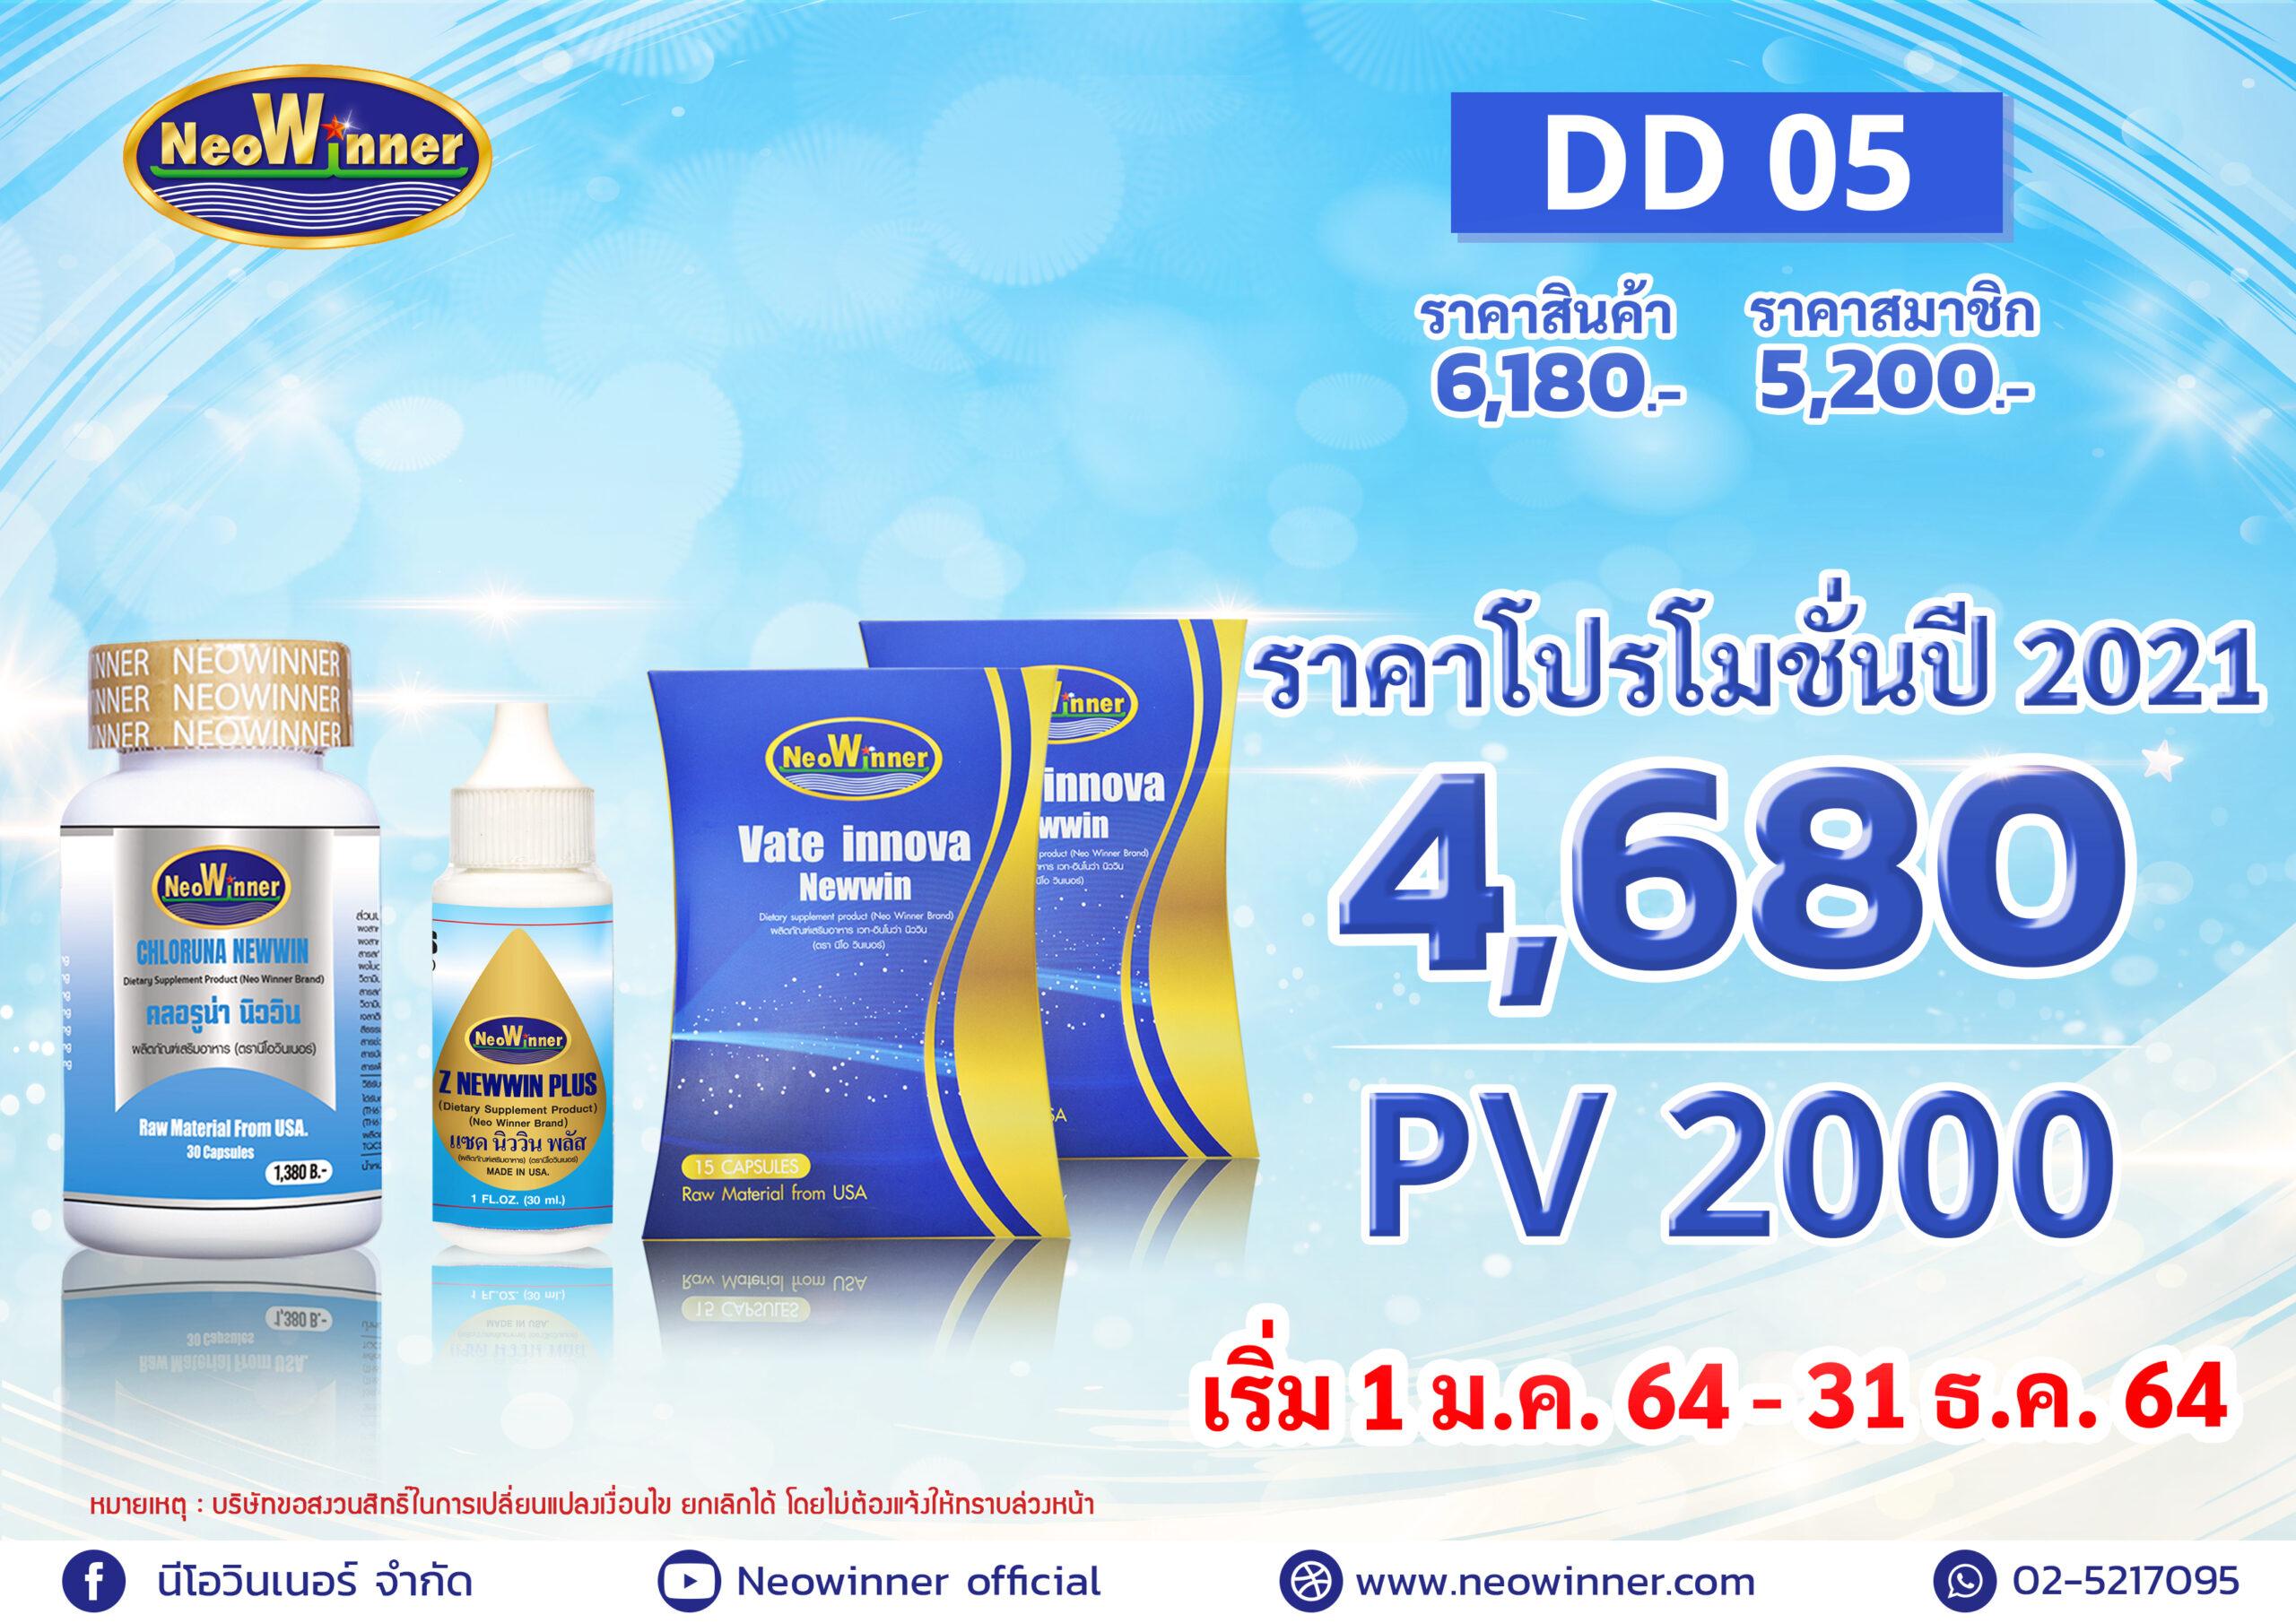 Promotion-DD-05-2021